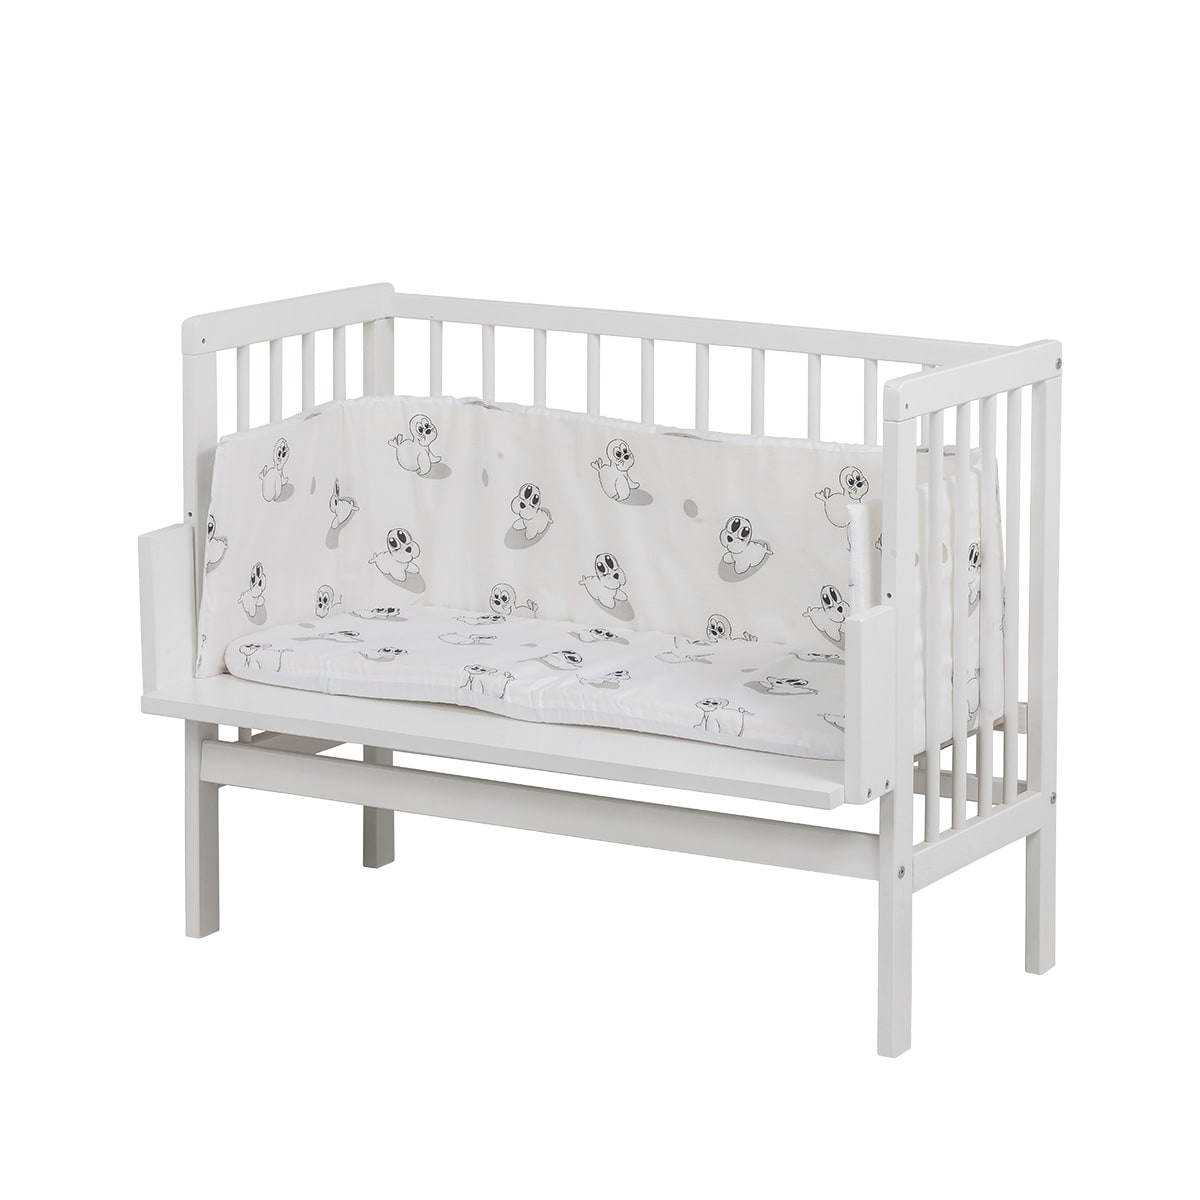 Kan stå helt tæt på forældrenes seng - Giver barnet nærhed